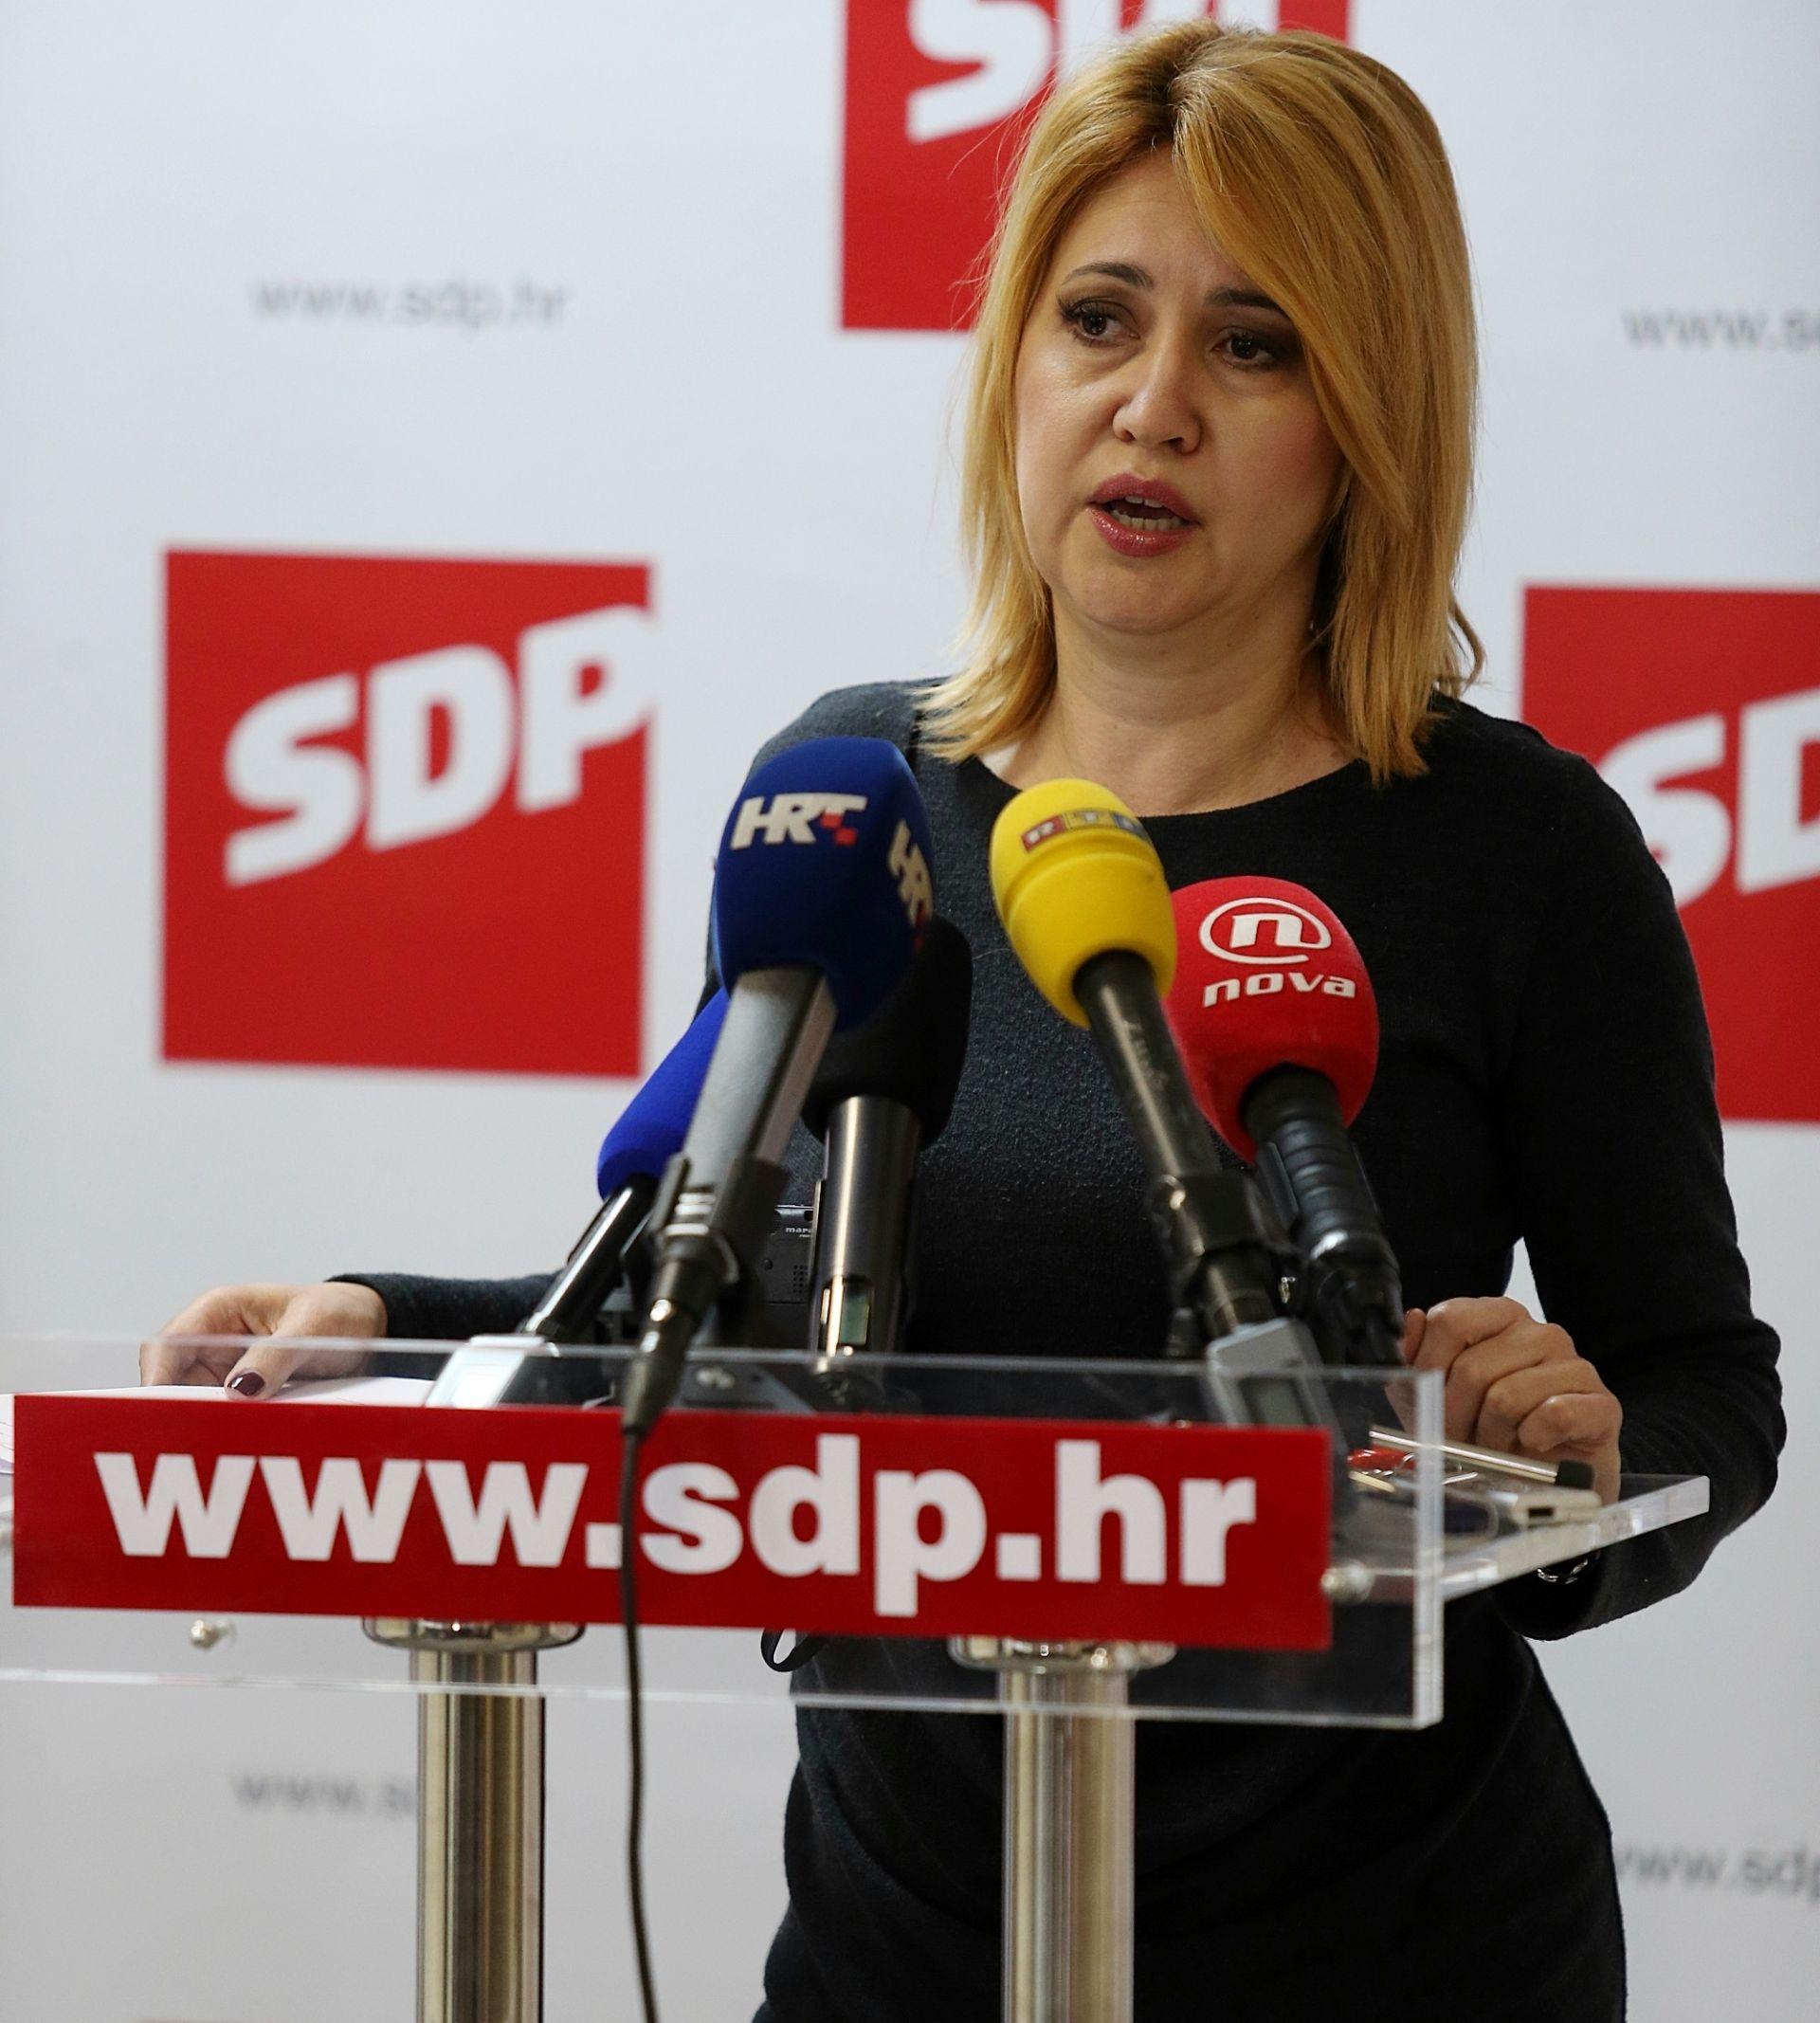 MILANKA OPAČIĆ: Prvi krug izbora za predsjednika SDP-a 19. studenoga